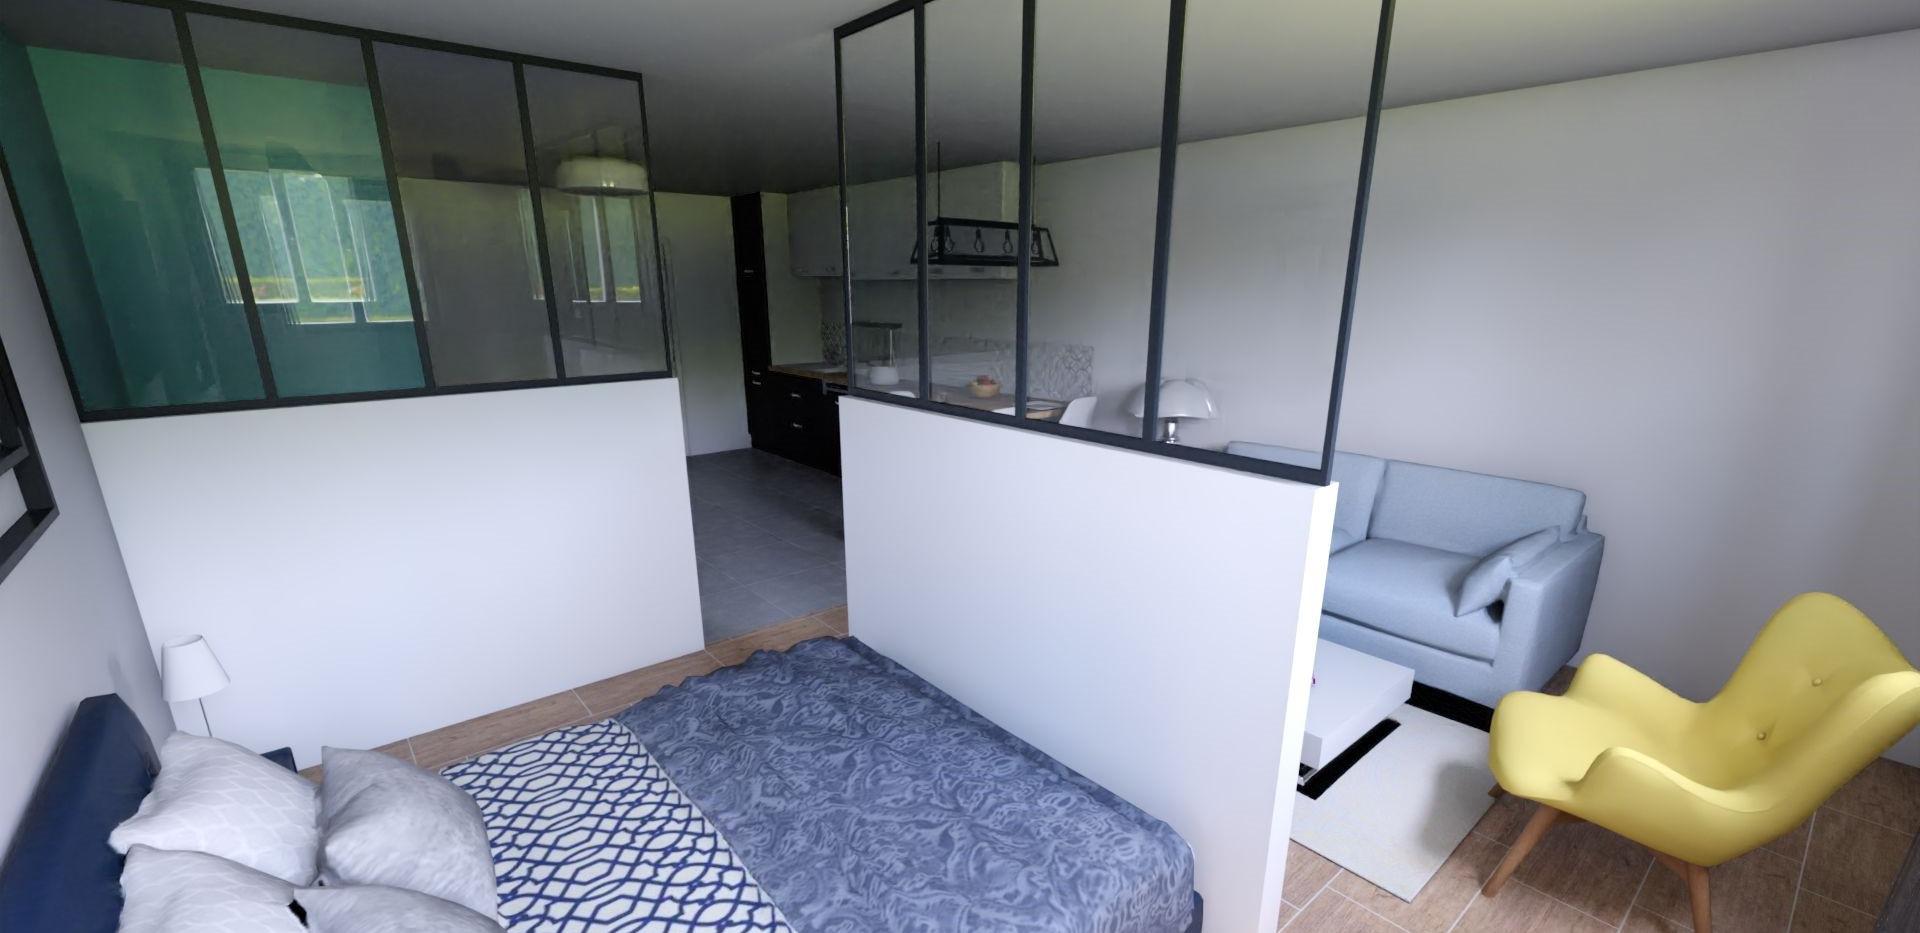 Vue 3D de la chambre, réalisée par l'Atelier De Nath